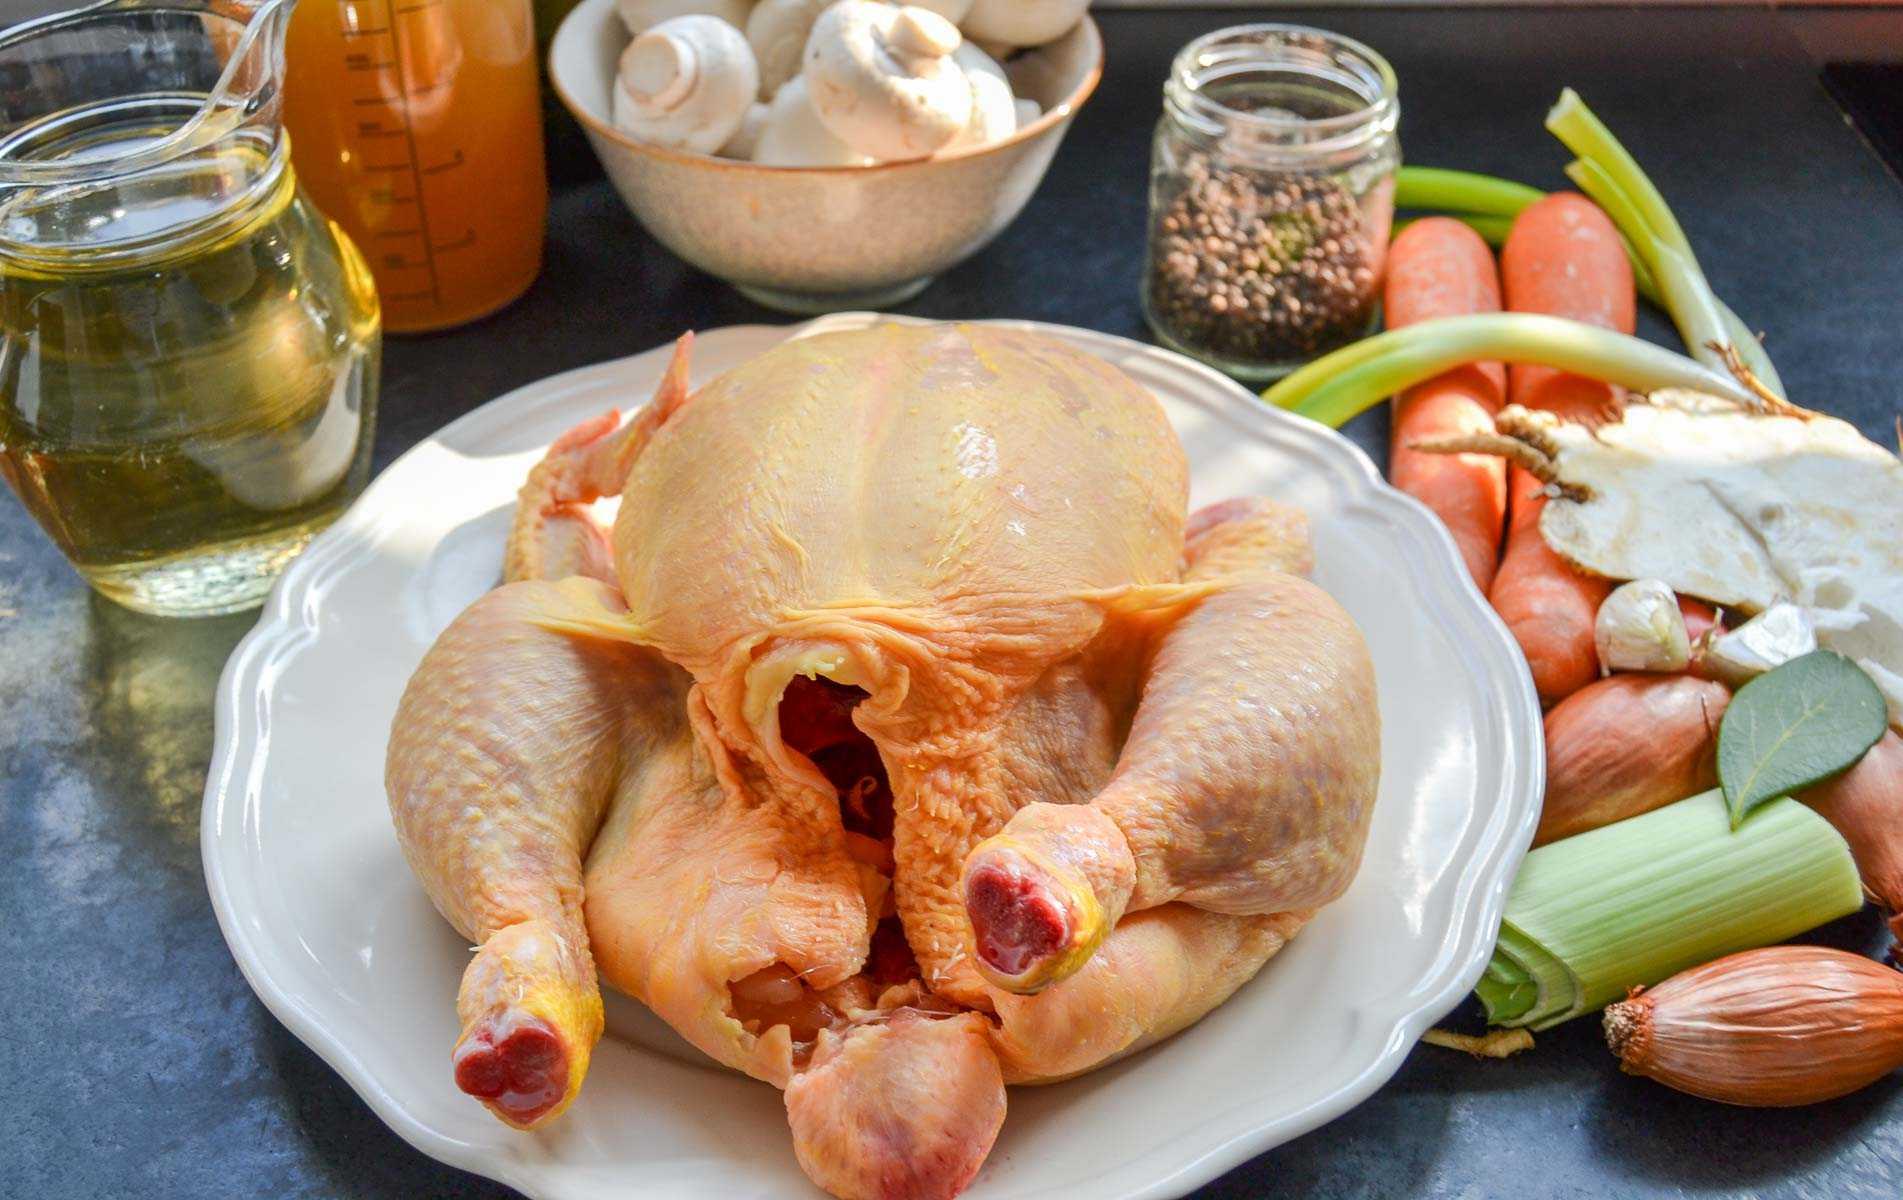 Zutaten, Huhn, Riesling, Möhre, Lauch, Sahne, Hühnerbrühe und Speck